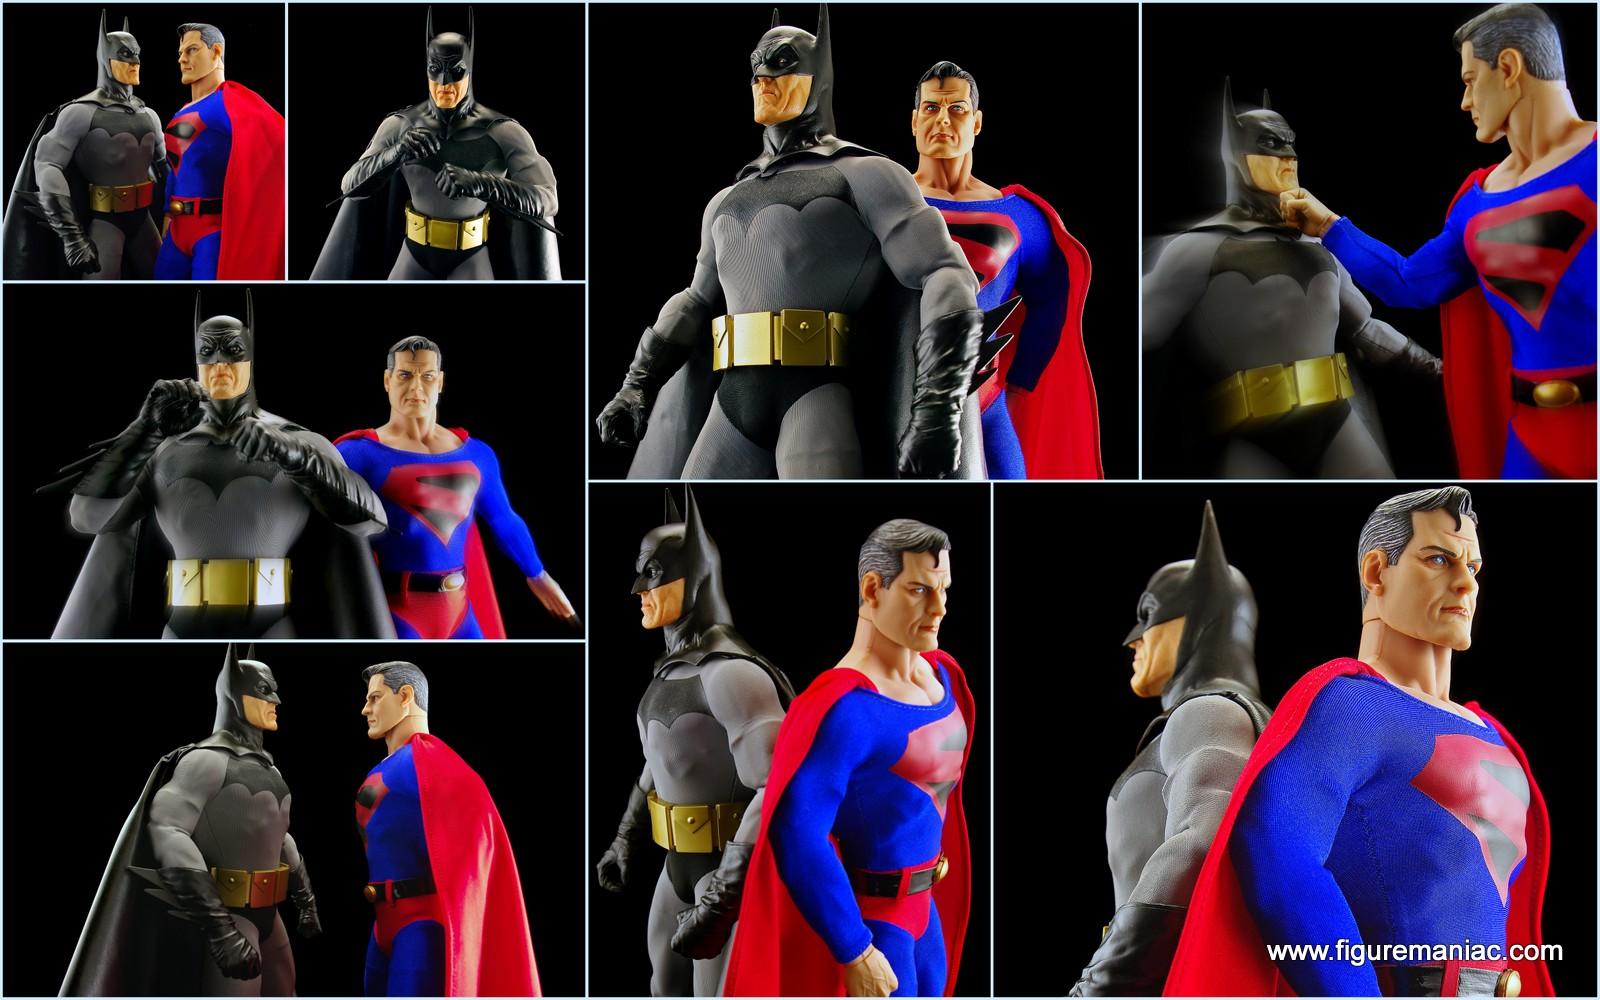 http://4.bp.blogspot.com/-x2oGHUpO0vA/T3uRuNRoTnI/AAAAAAAAP6Q/cc6jQ1mgZSo/s1600/Batman+Justice+and+Superman+Kingdom+Come1.jpg